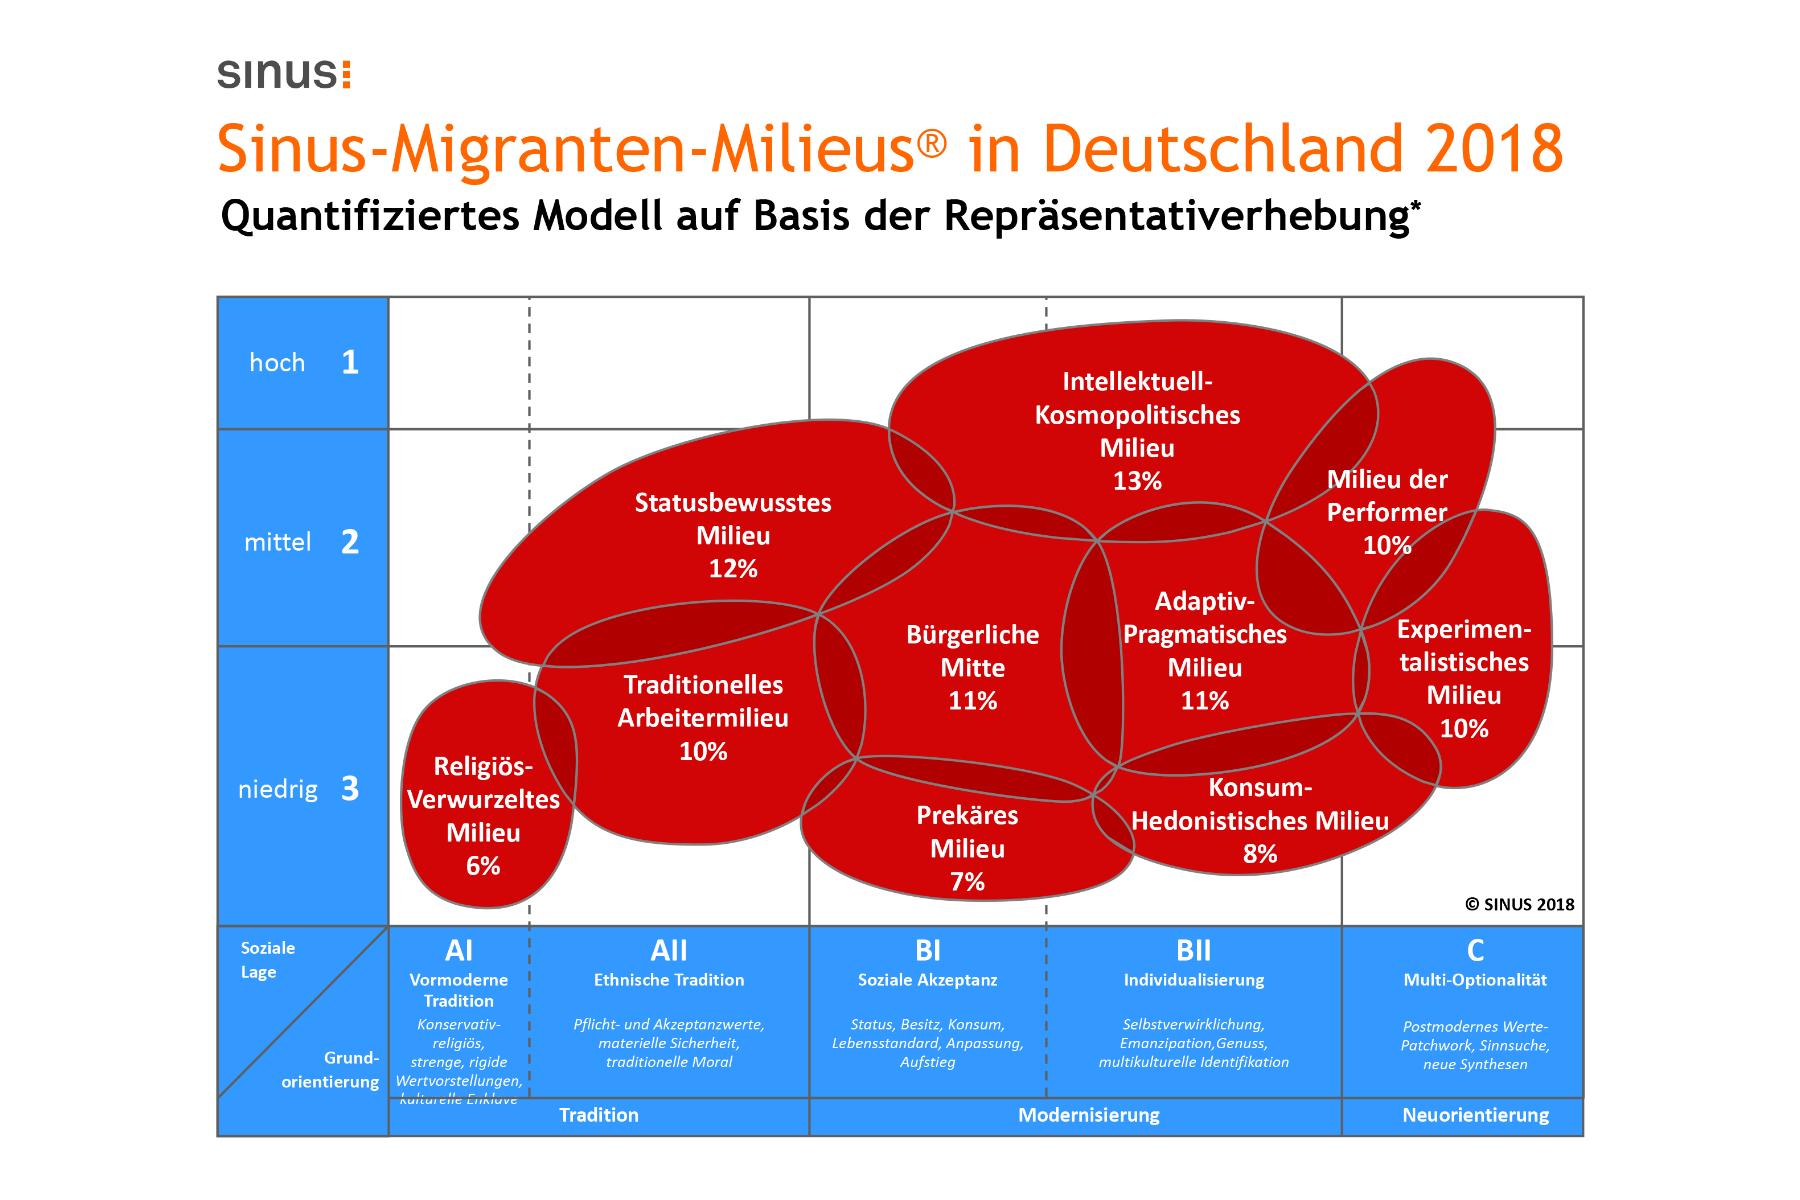 Die neuen Sinus-Migrantenmilieus 2017/2018 – Grundorientierung, Identität und Integration